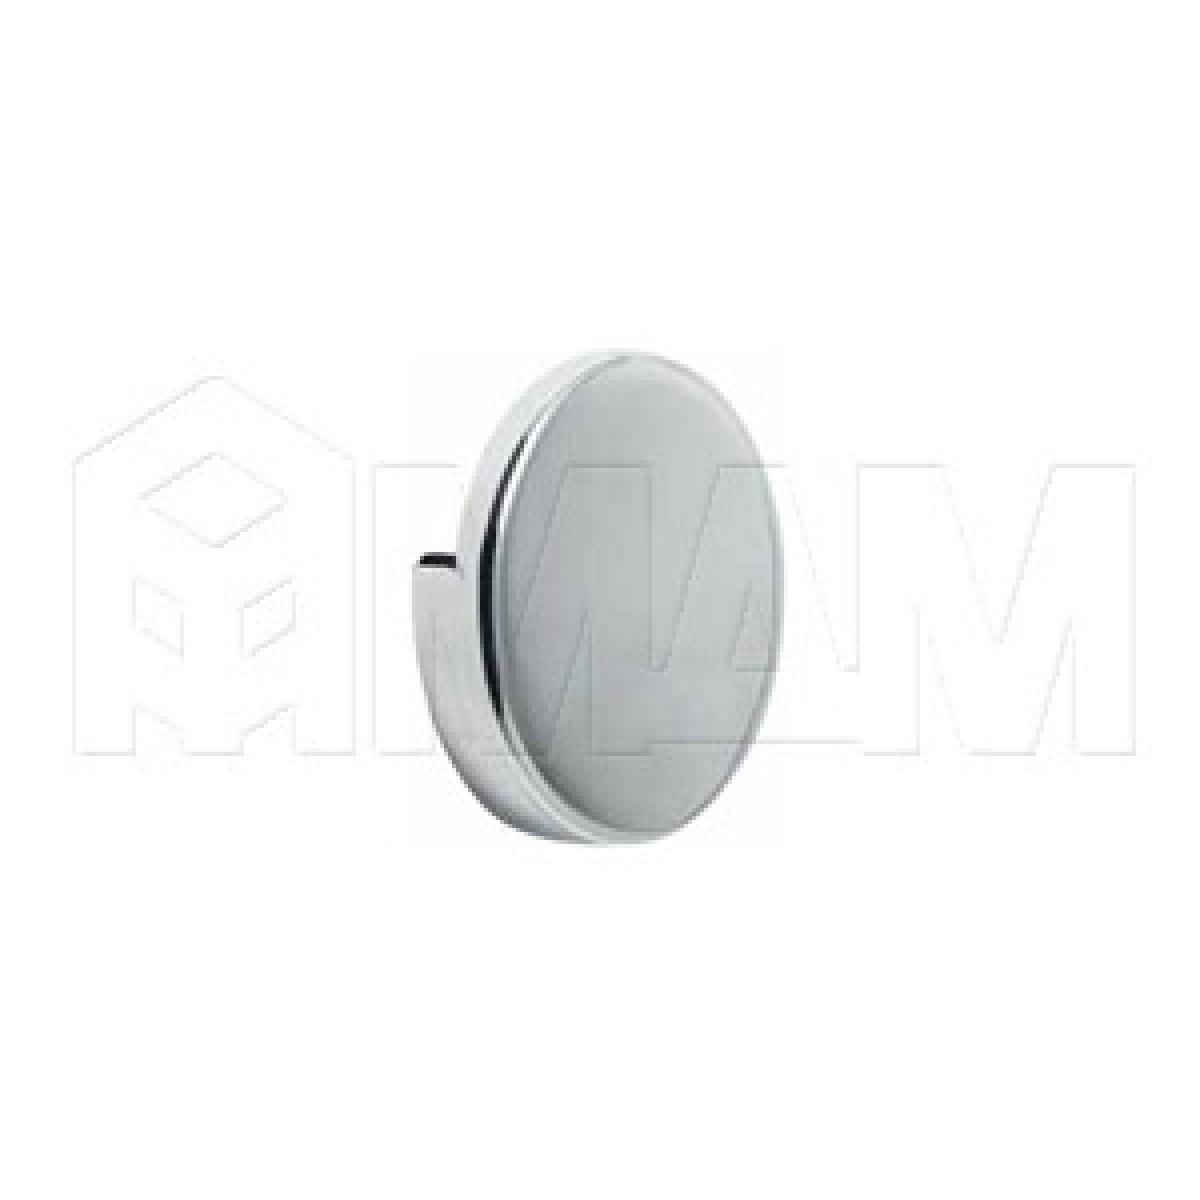 Зеркало- и стеклодержатели - Крепление зеркала 4-6 мм к стене, D60, хром